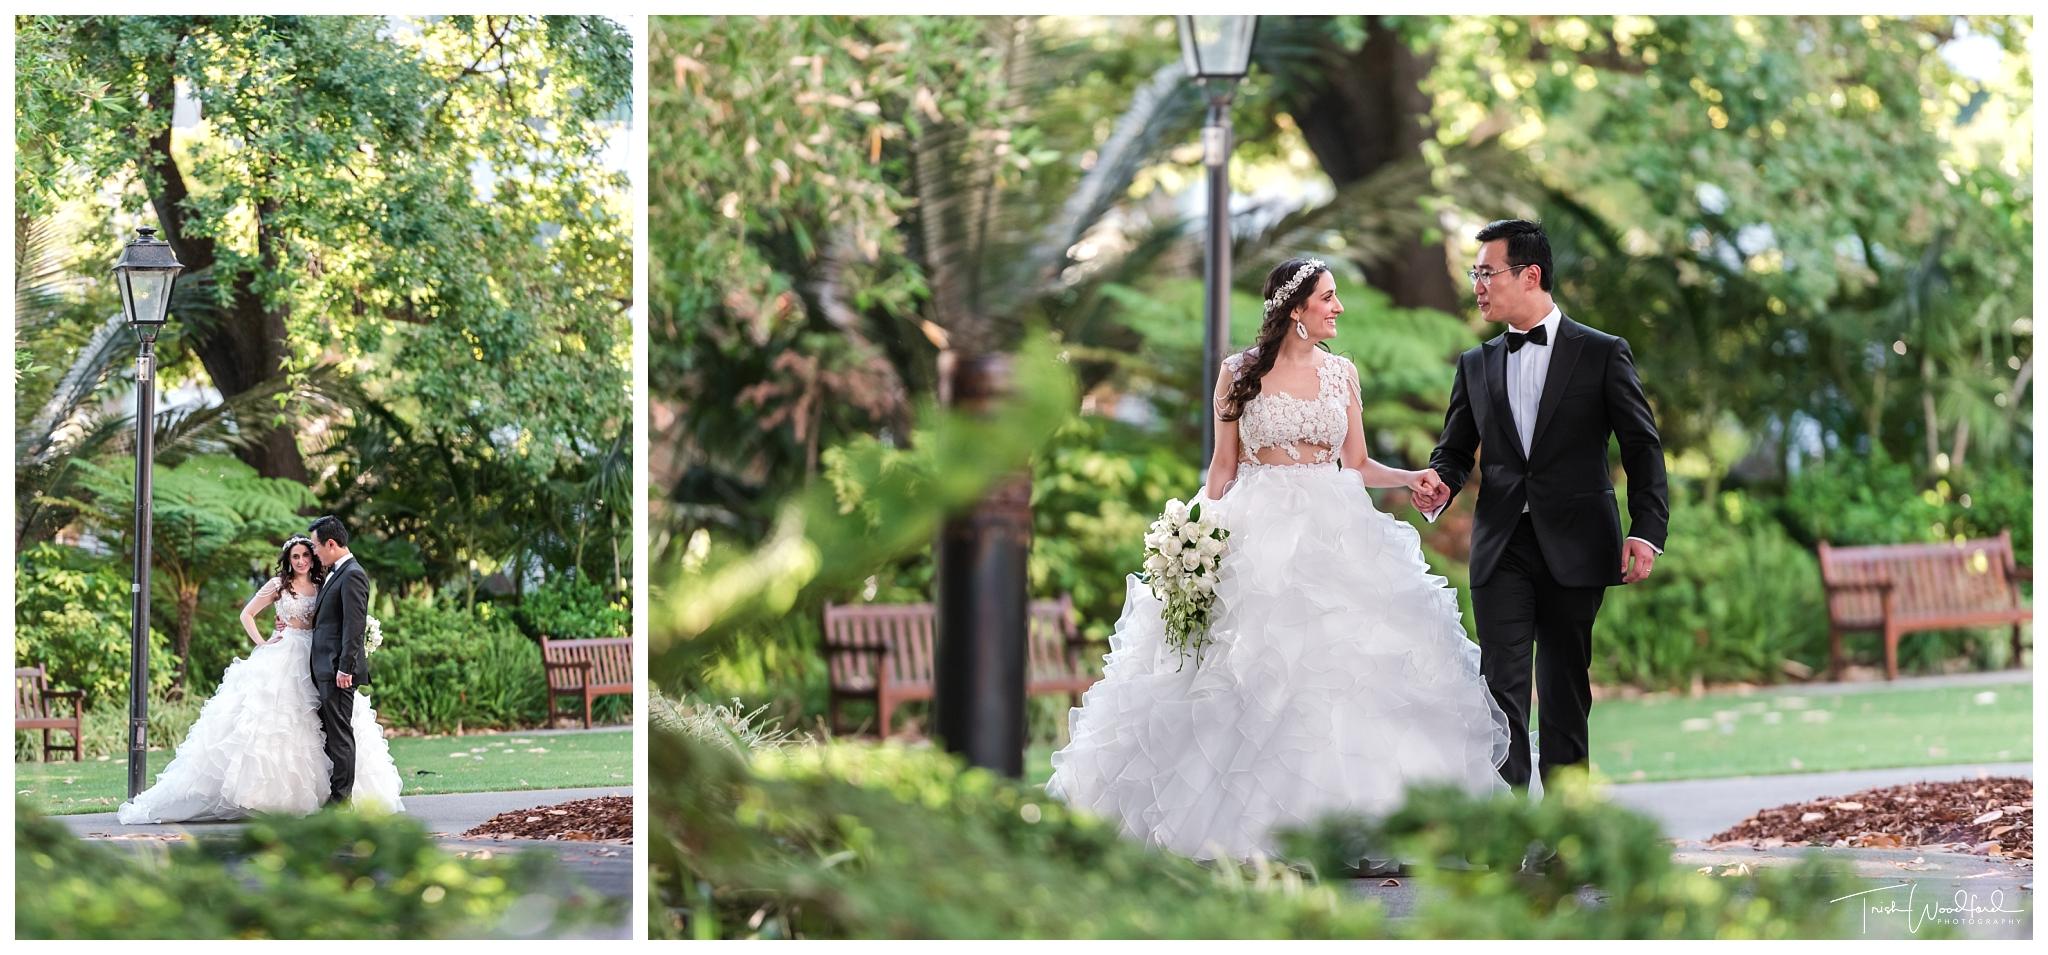 Stirling Garden Wedding Portrait Photos